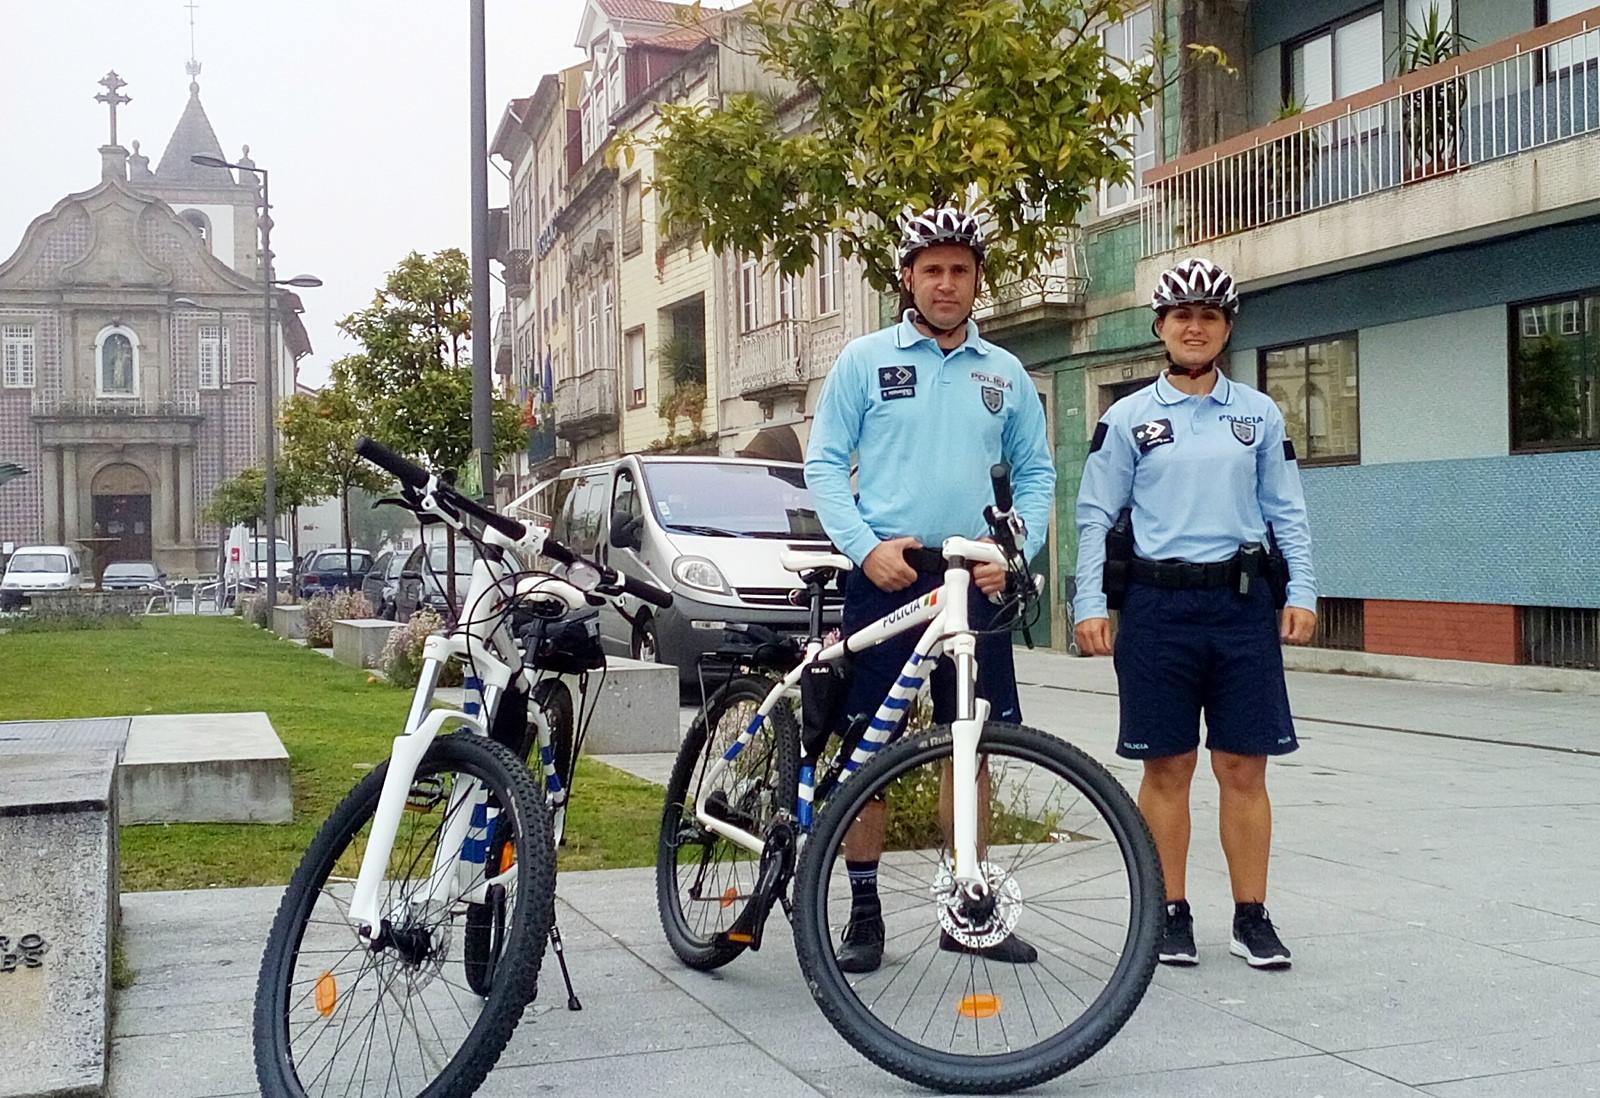 PSP de bicicleta - ciclopatrulha em Braga 2016